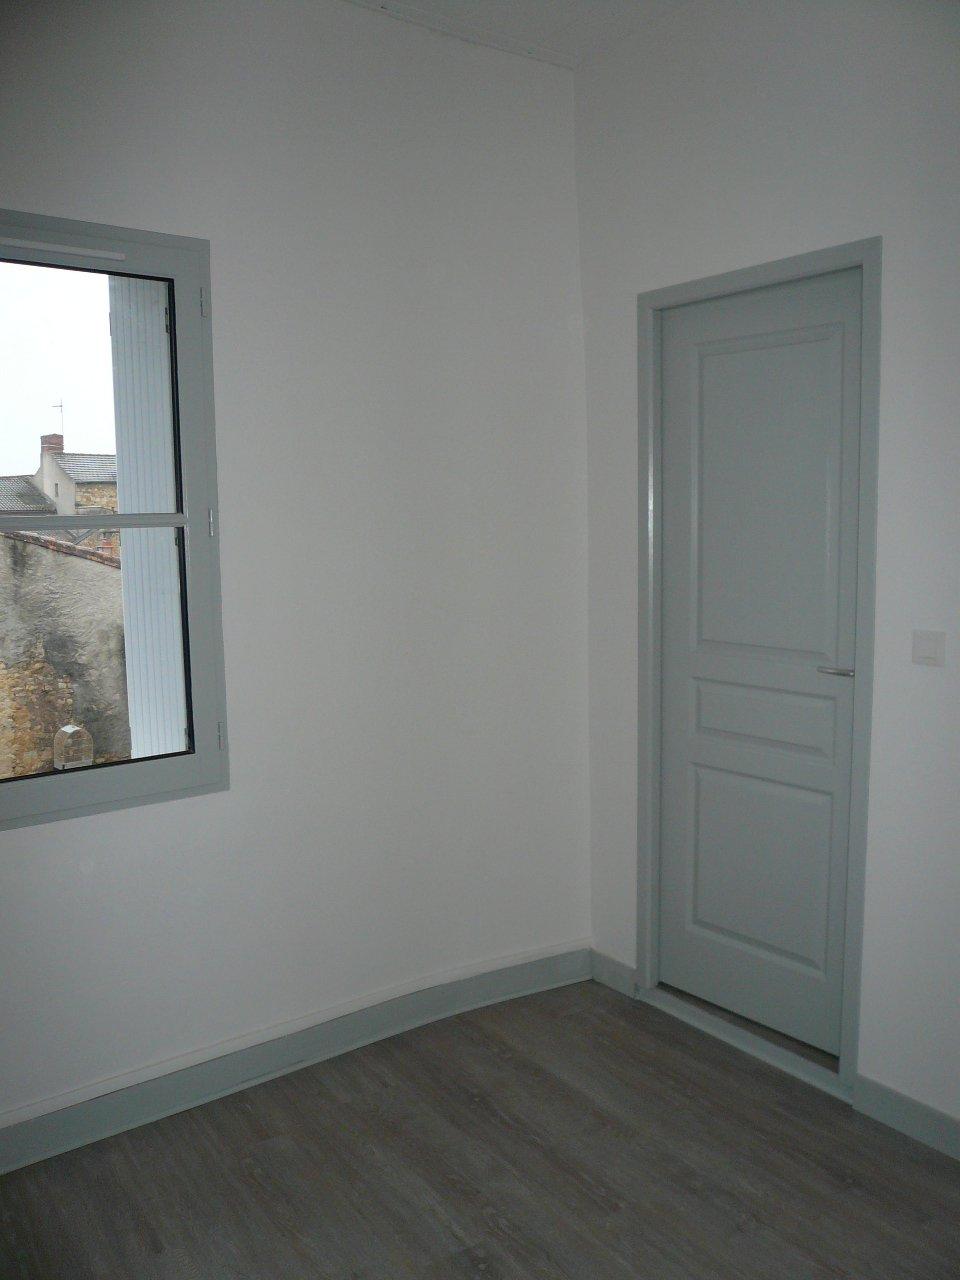 Maison Thouars - 3 pièces - 61m² (env.)